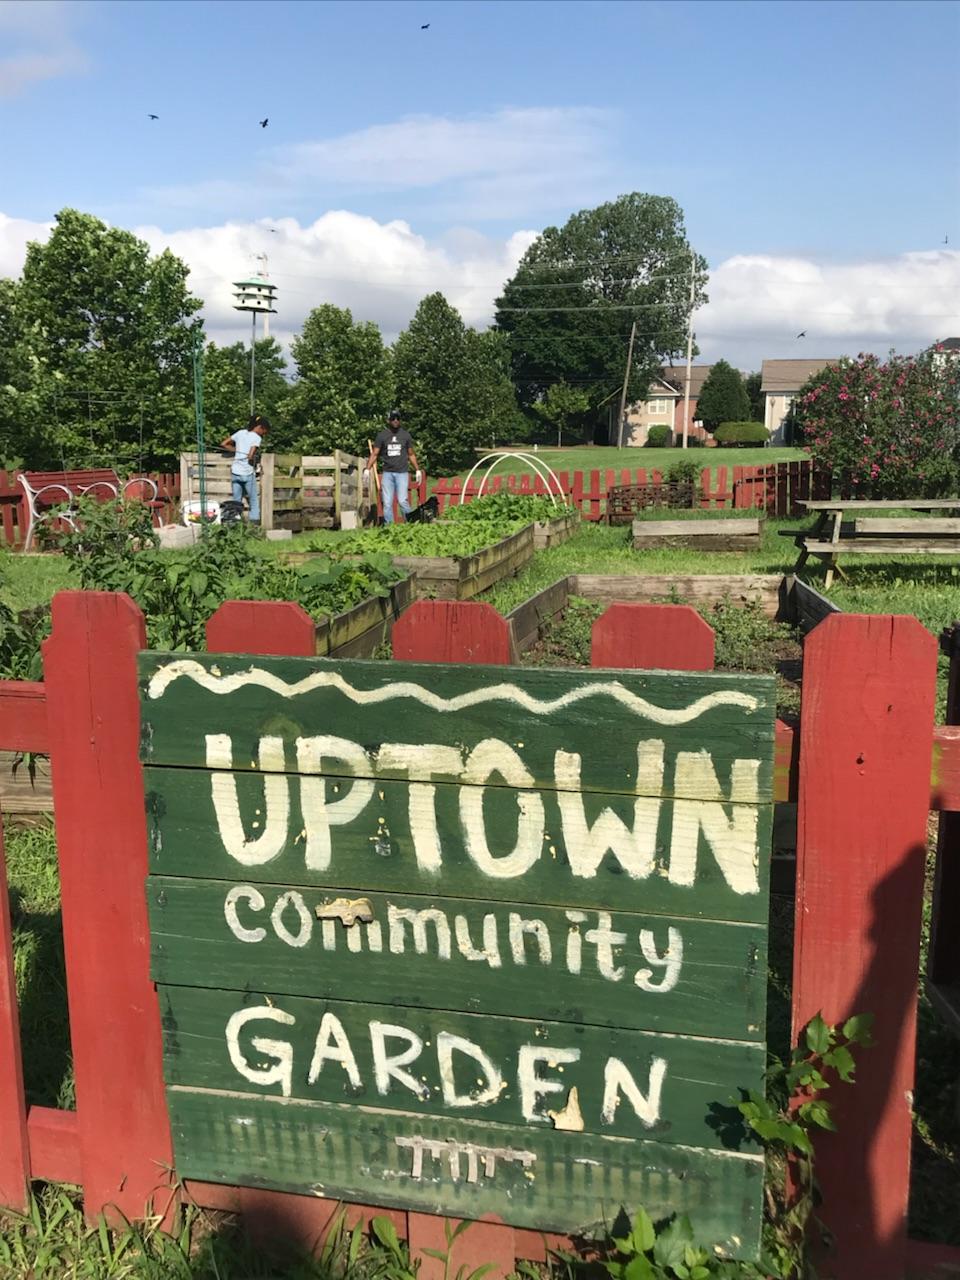 Uptown Community Garden